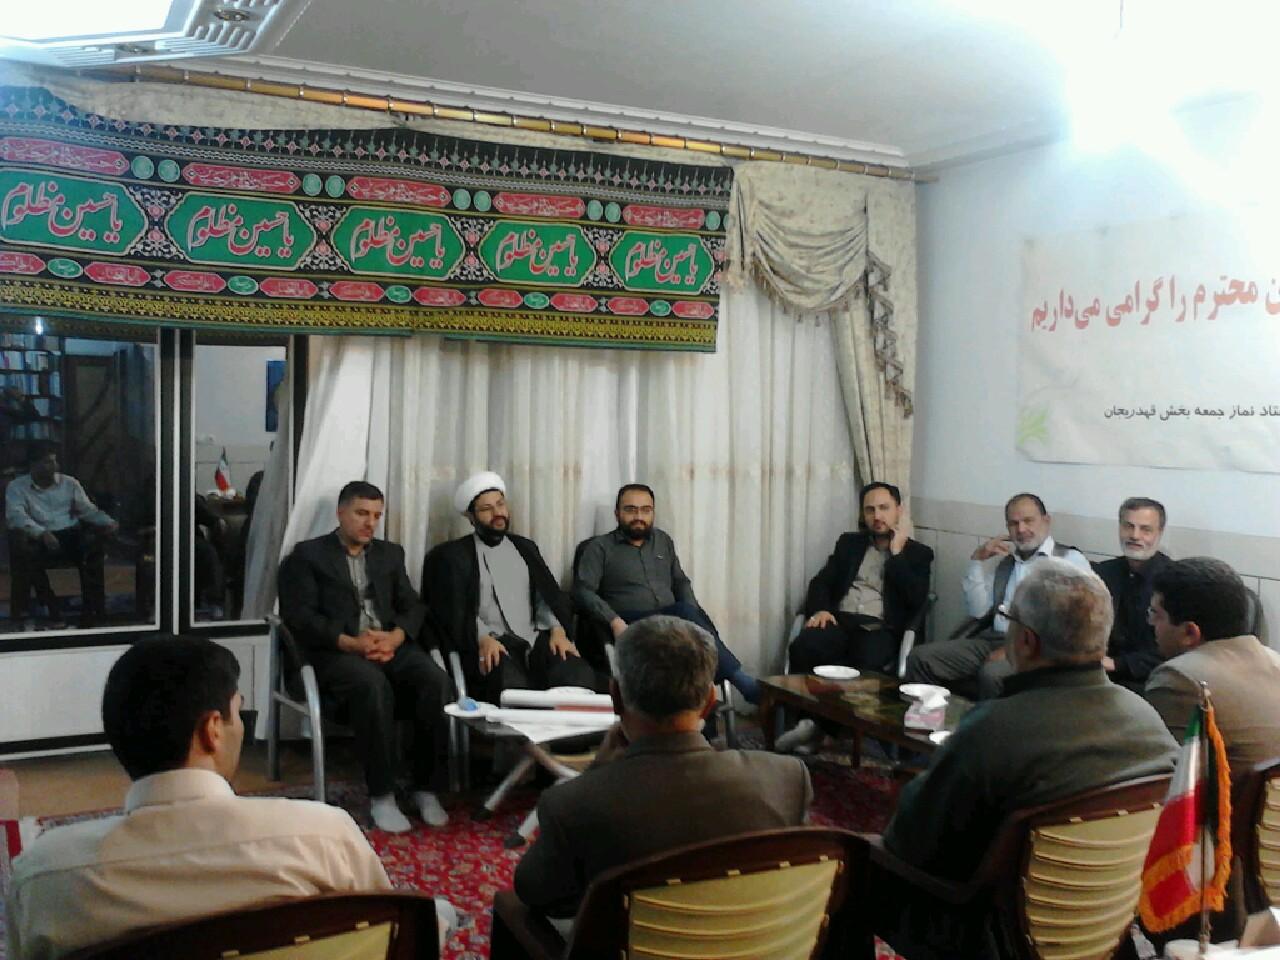 برگزاری جلسه ستاد نماز جمعه با حضور اعضا ستاد و امام جمعه محترم شهر قهدریجان